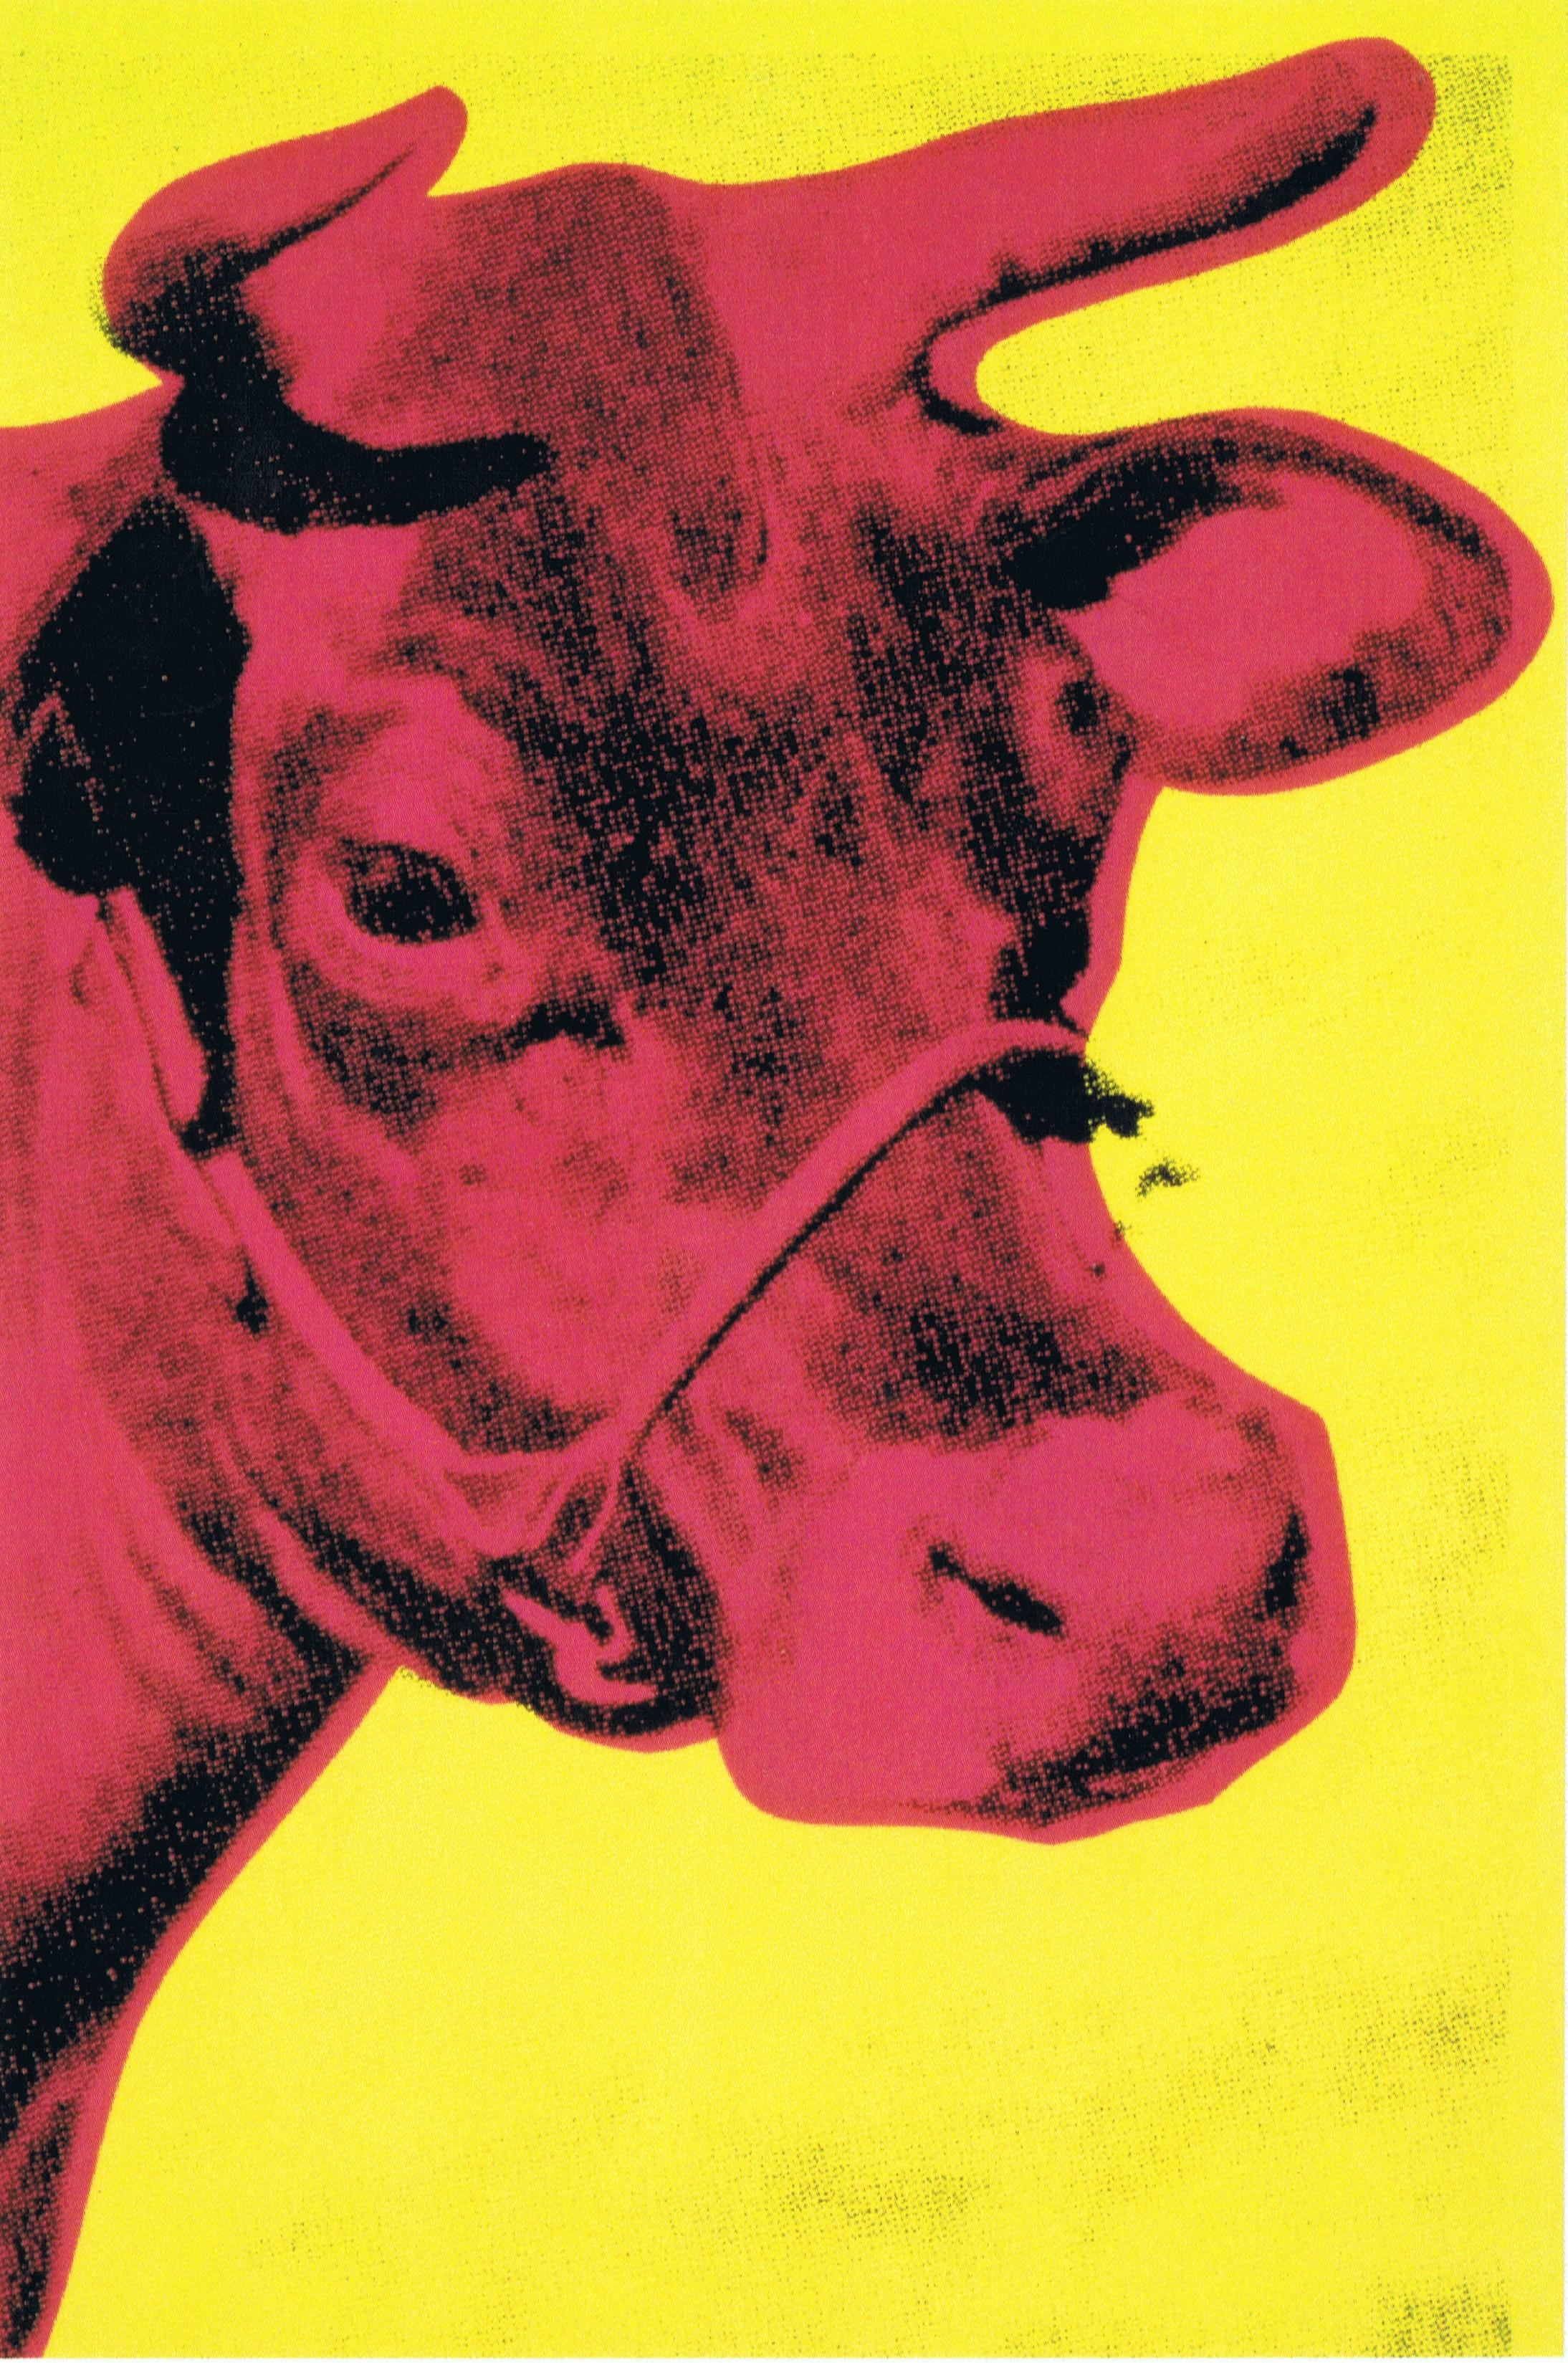 Andy Warhol  gallery visit  anitabowmanoca